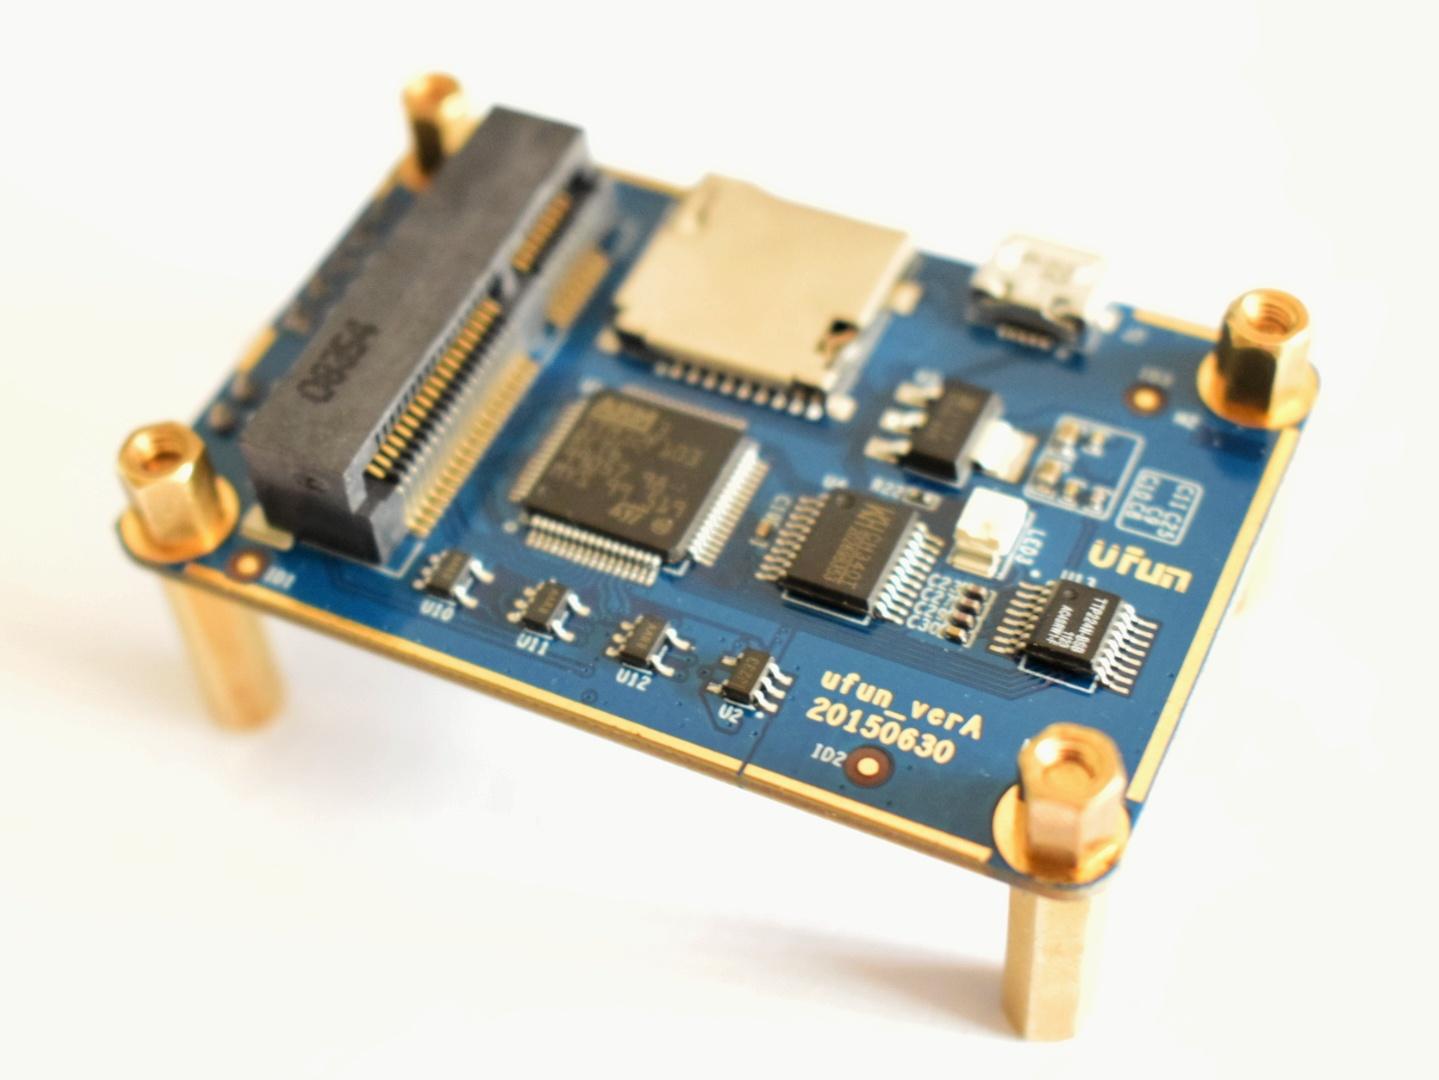 基于STM32的uFun開發板評測,入門Arm開發板就這么簡單